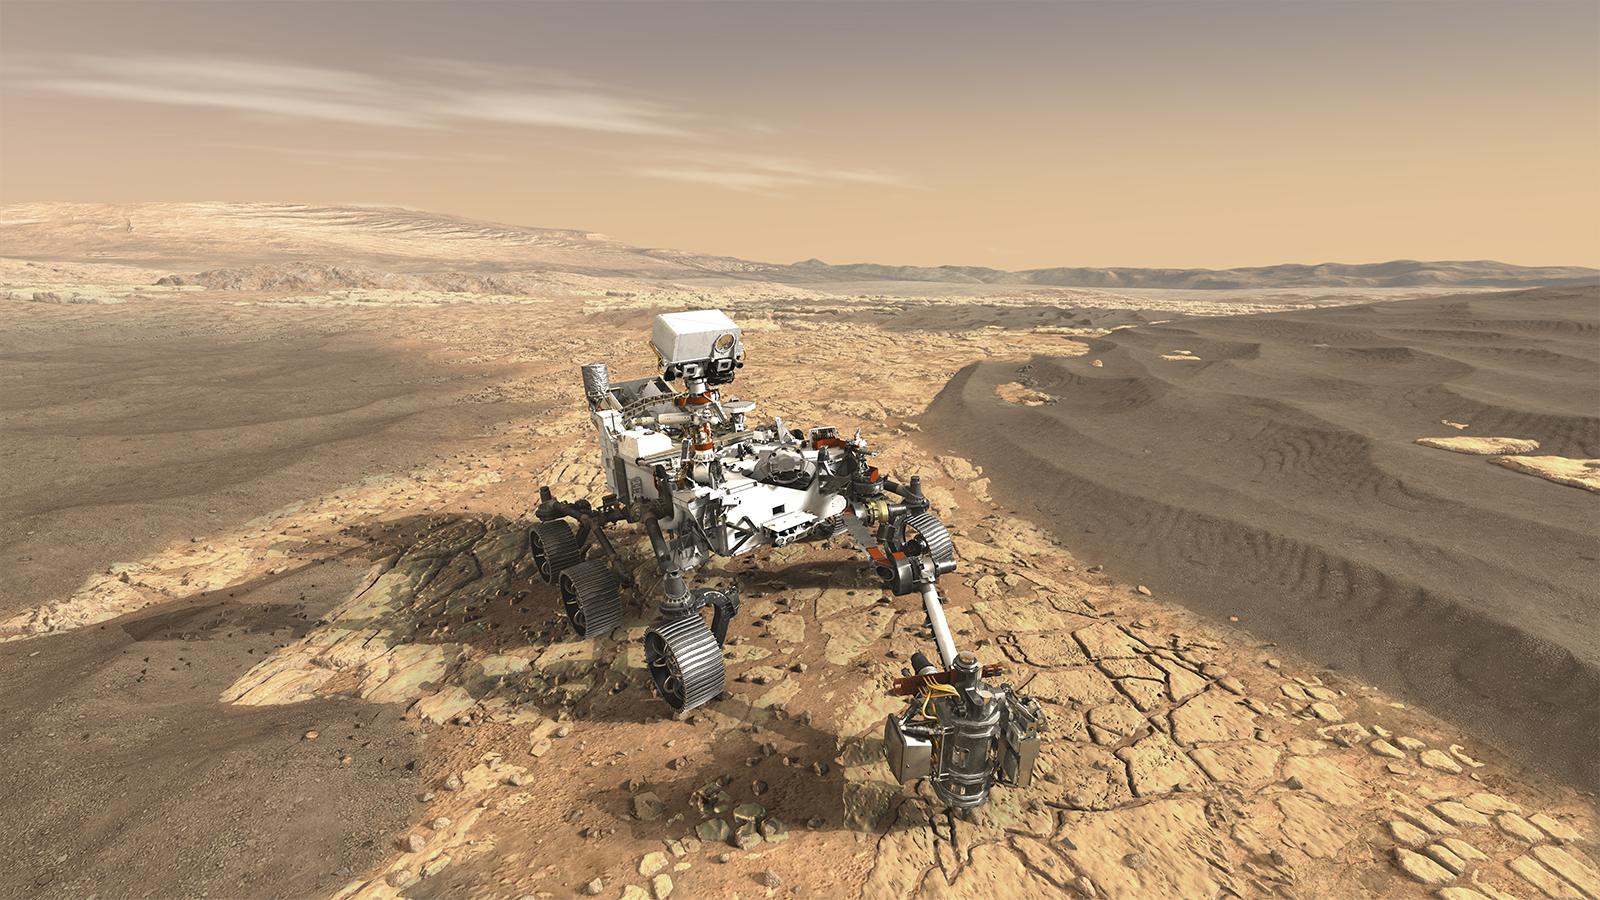 Ma délután útnak indul a Perseverance, ami végre kiderítheti, hogy volt-e valaha élet a Marson